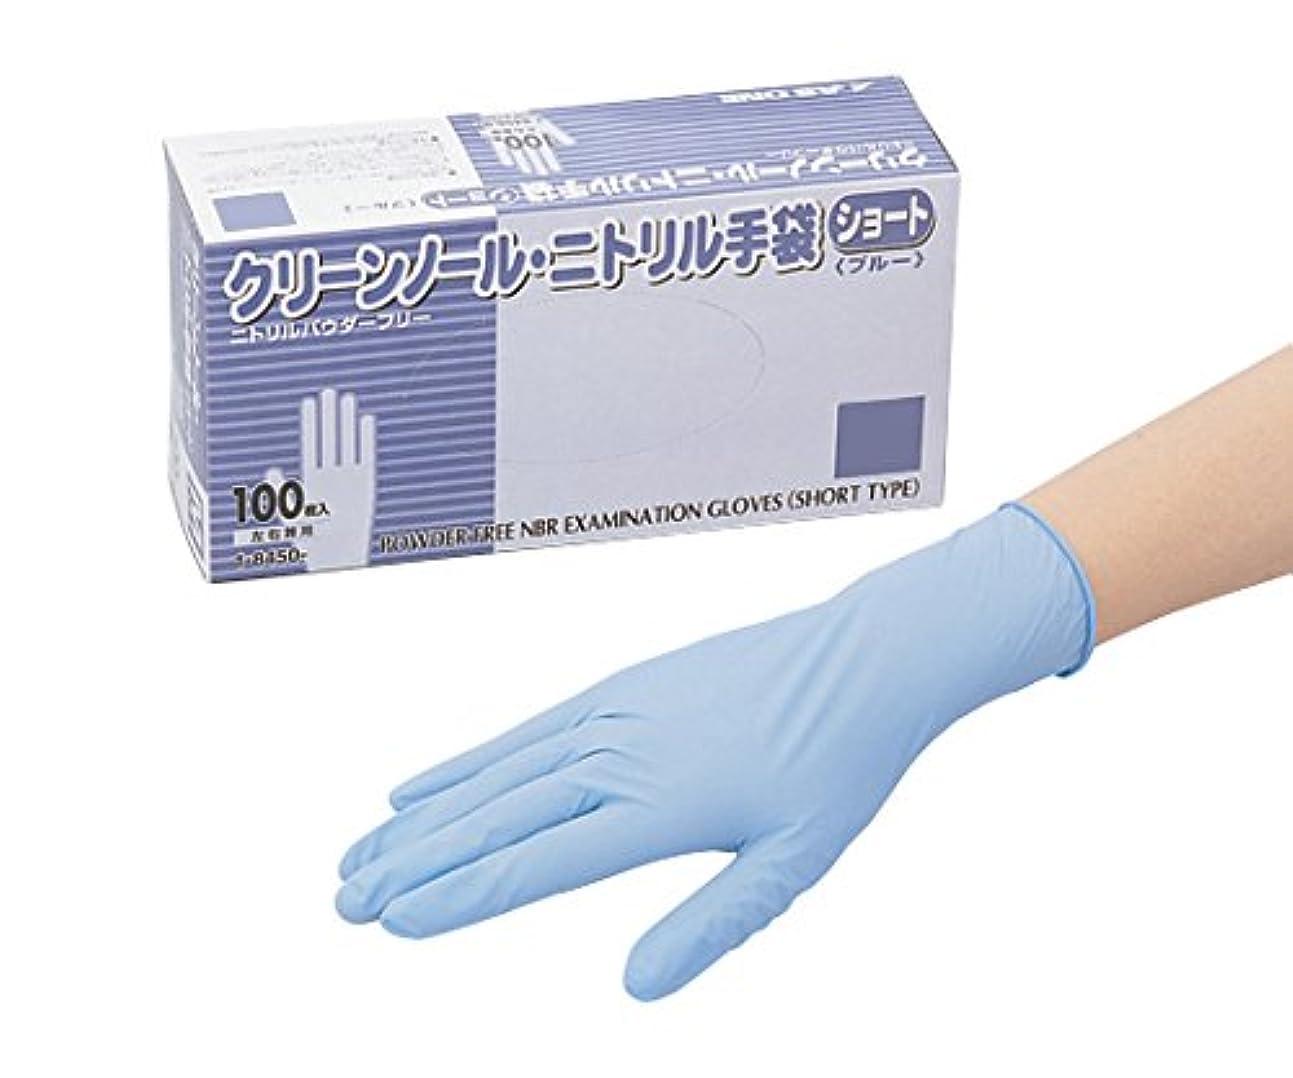 象そうでなければ頑張るアズワン1-8450-22クリーンノールニトリル手袋ショート(パウダーフリ-)ブルーM100枚入